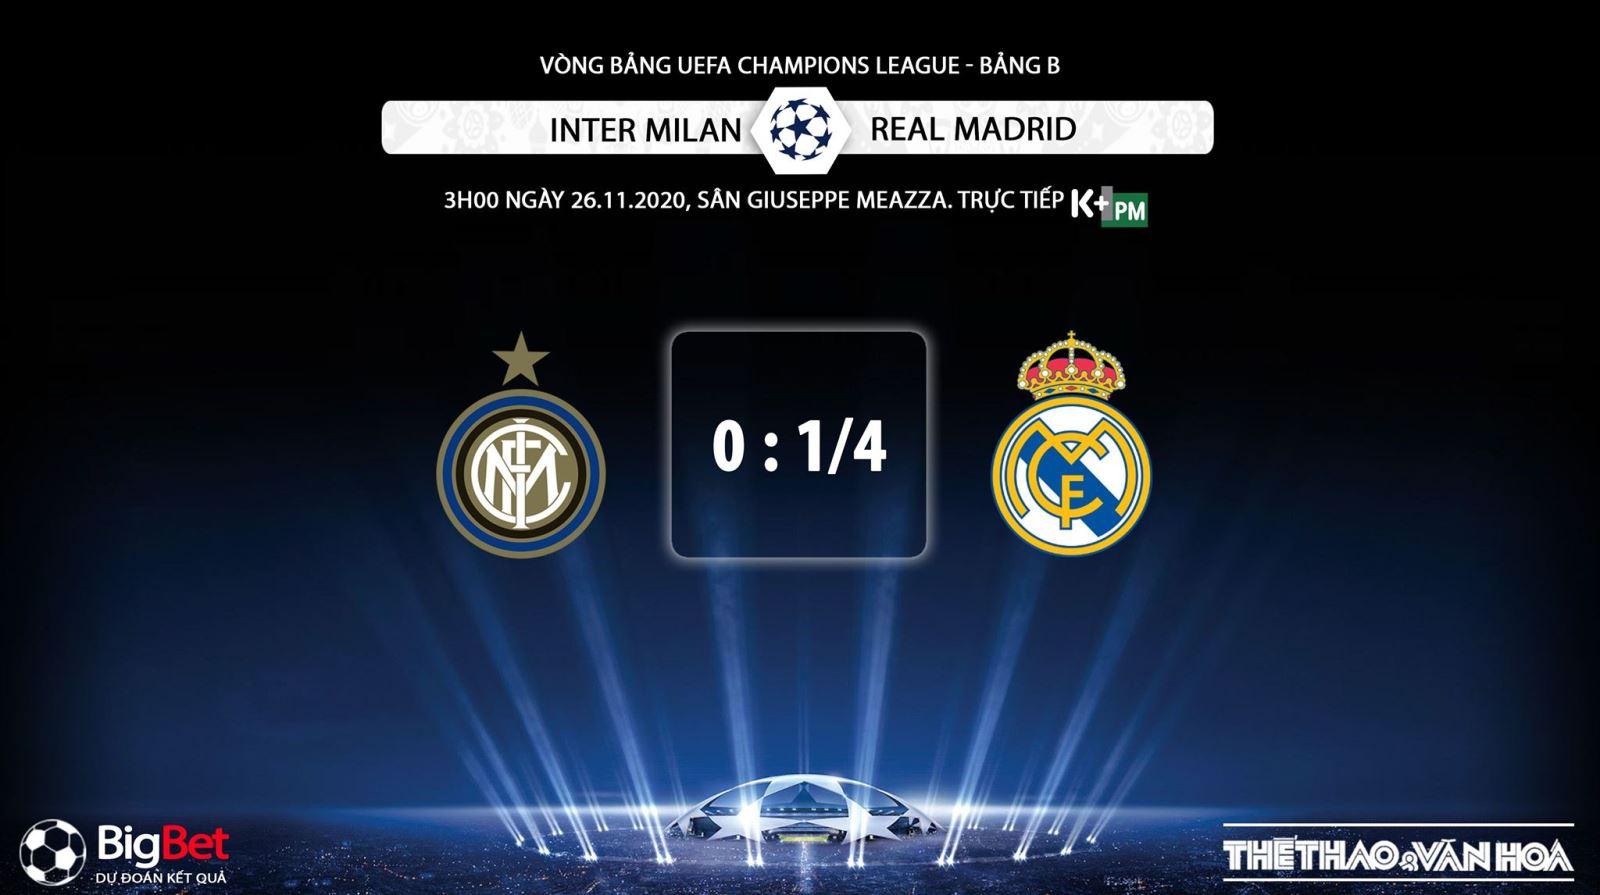 Keo nha cai, Kèo nhà cái, Inter Milan vs Real Madrid, Truc tiep bong da, Cúp C1 châu Âu, Trực tiếp bóng đá hôm nay, trực tiếp Inter đấu với Real Madrid, tin bong da